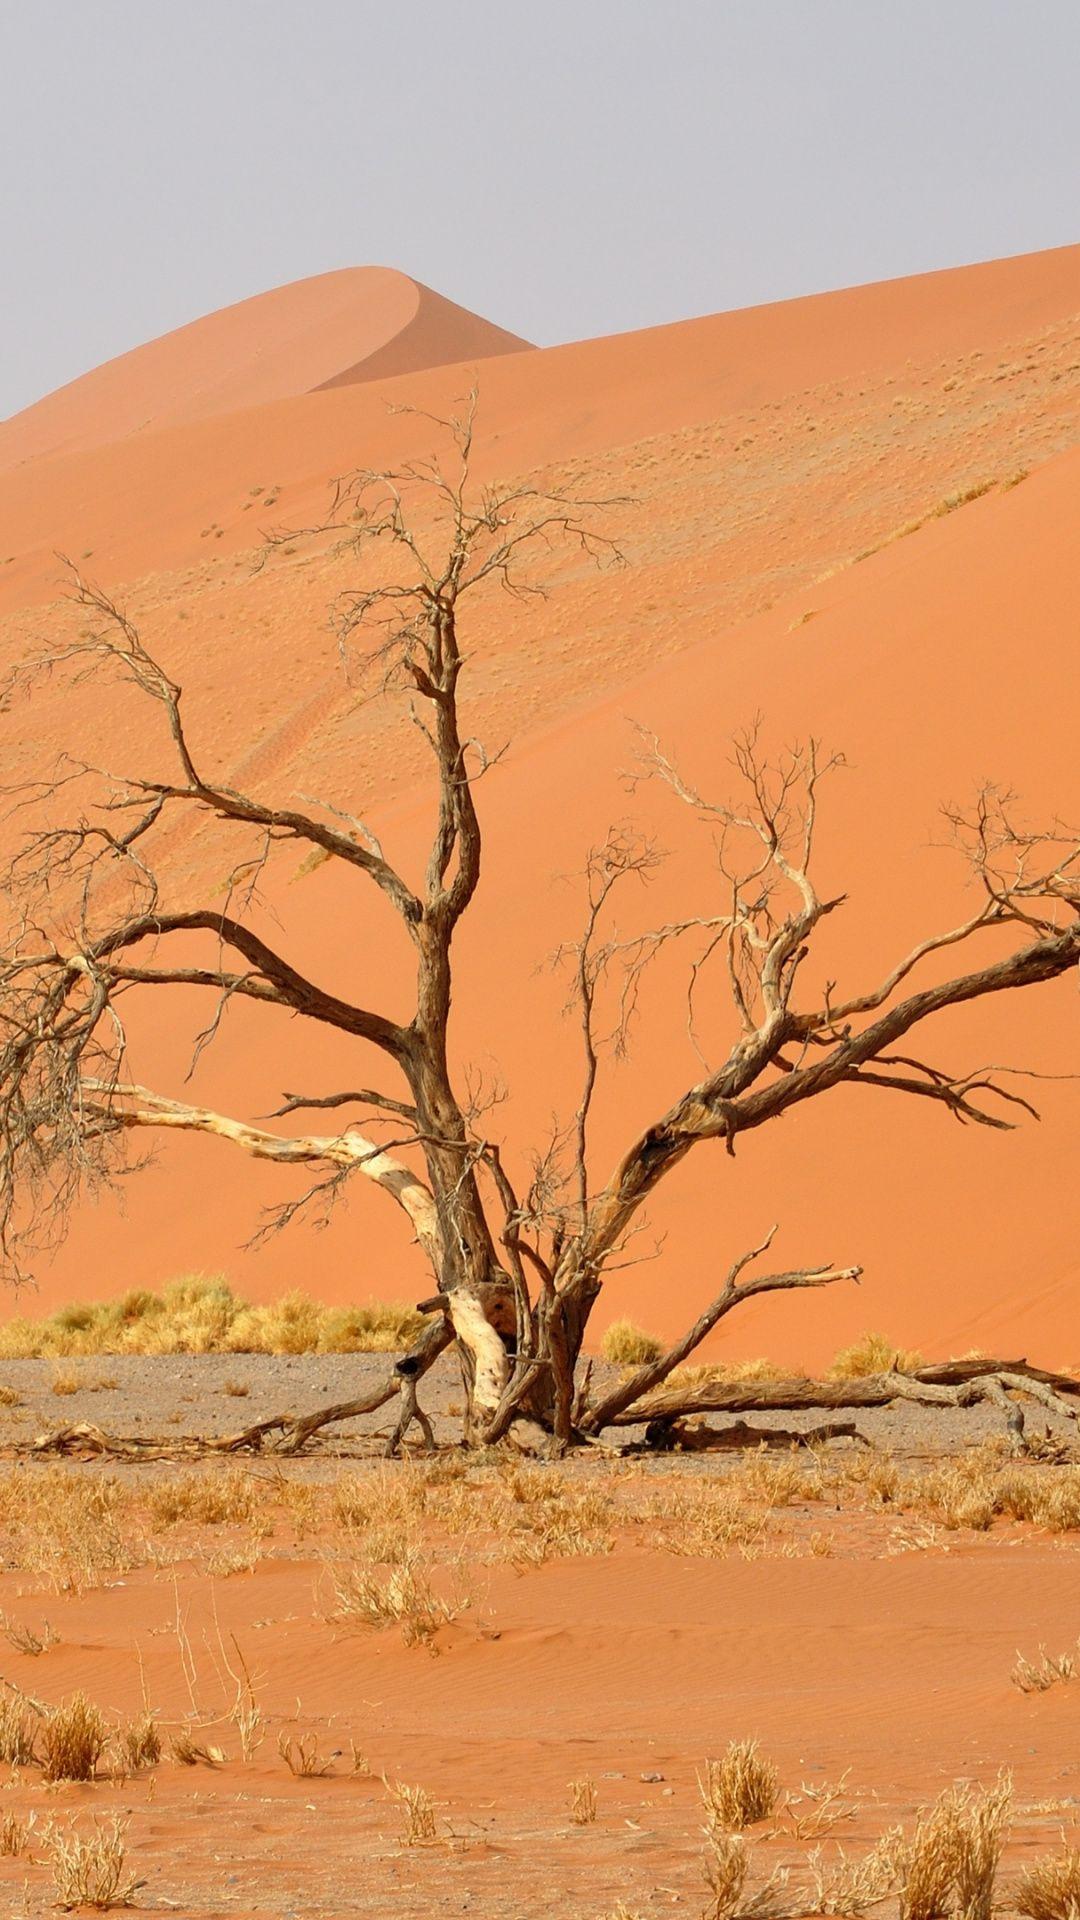 Namib Desert Africa Landscape